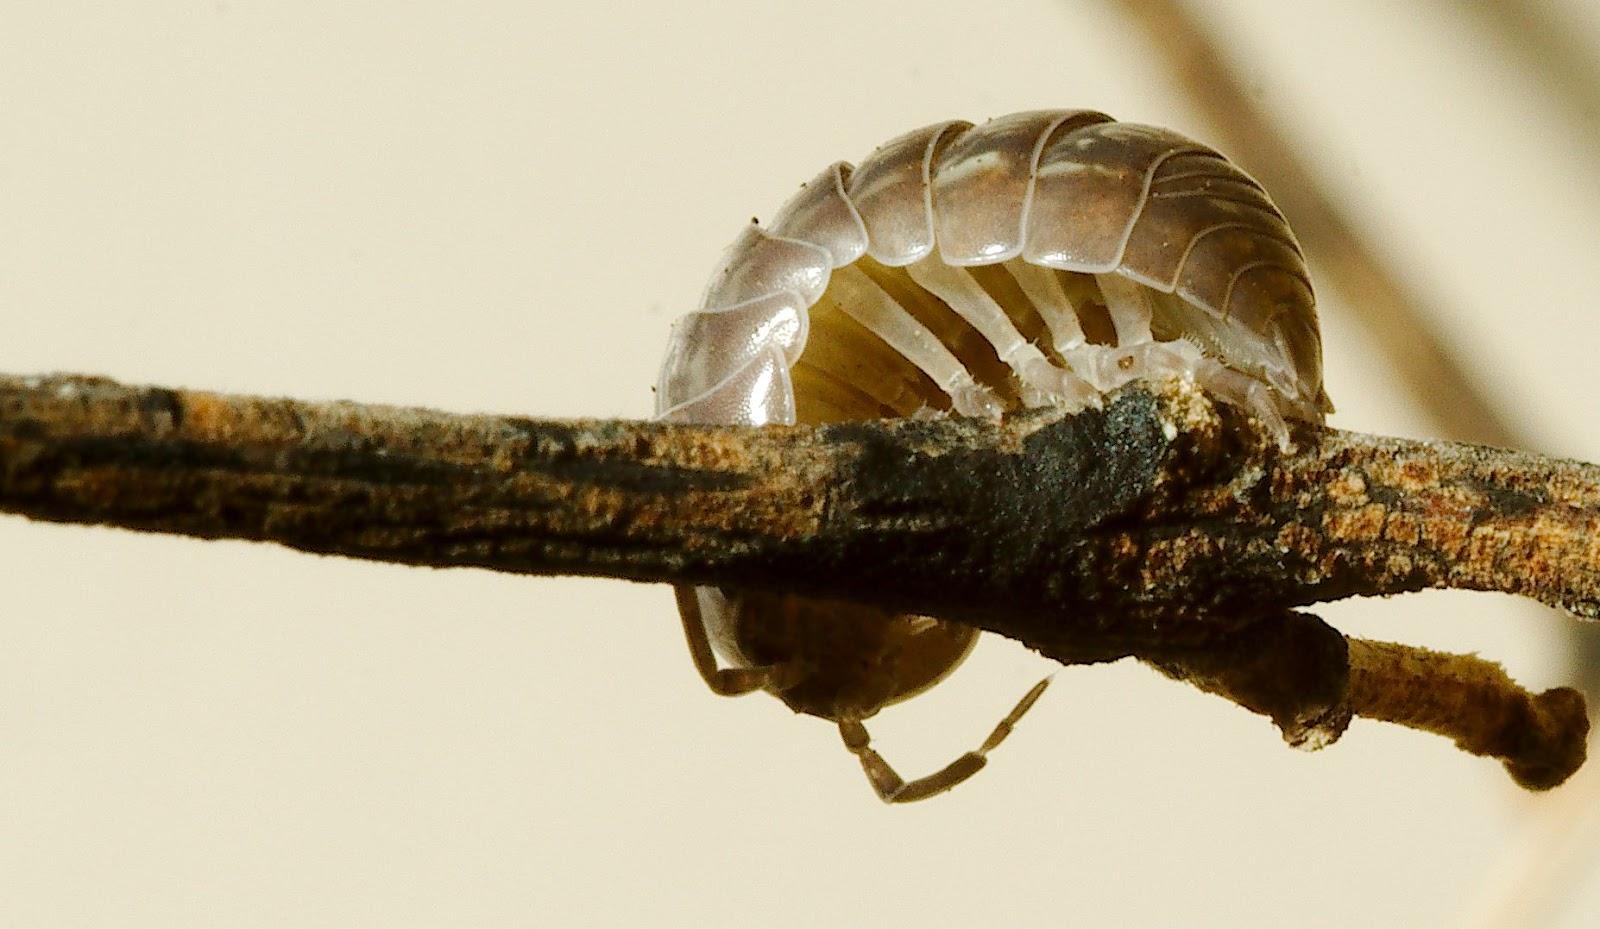 Isopod on twig